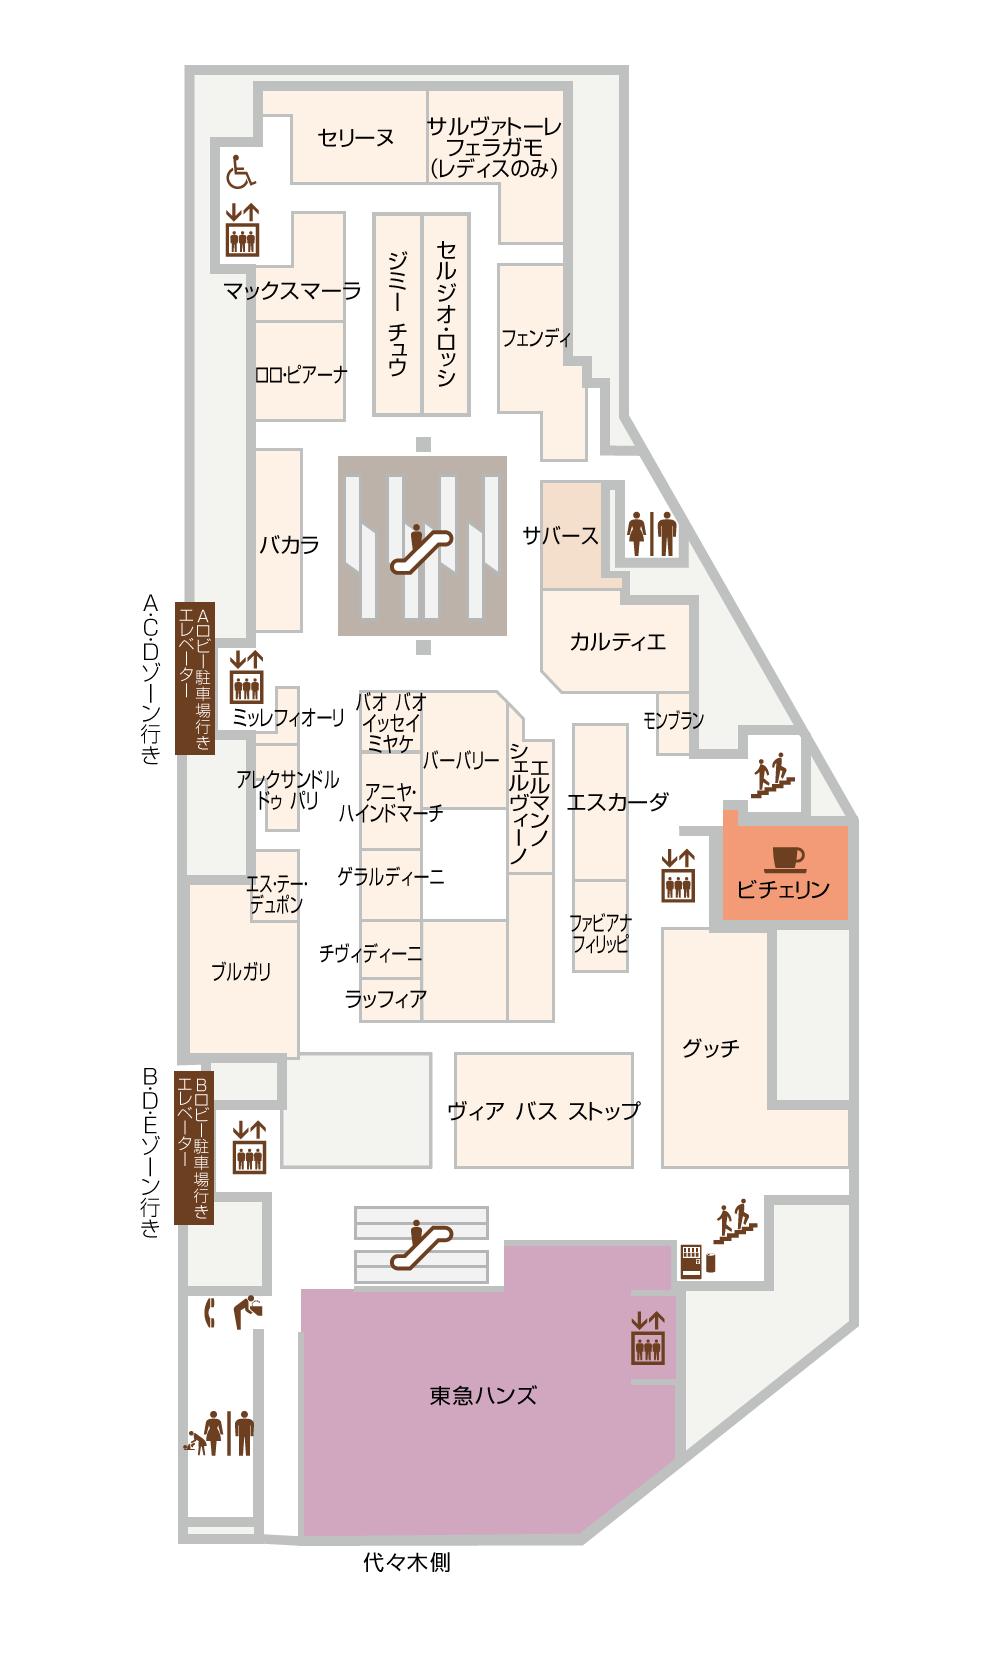 新宿高島屋公式フロアガイド3F